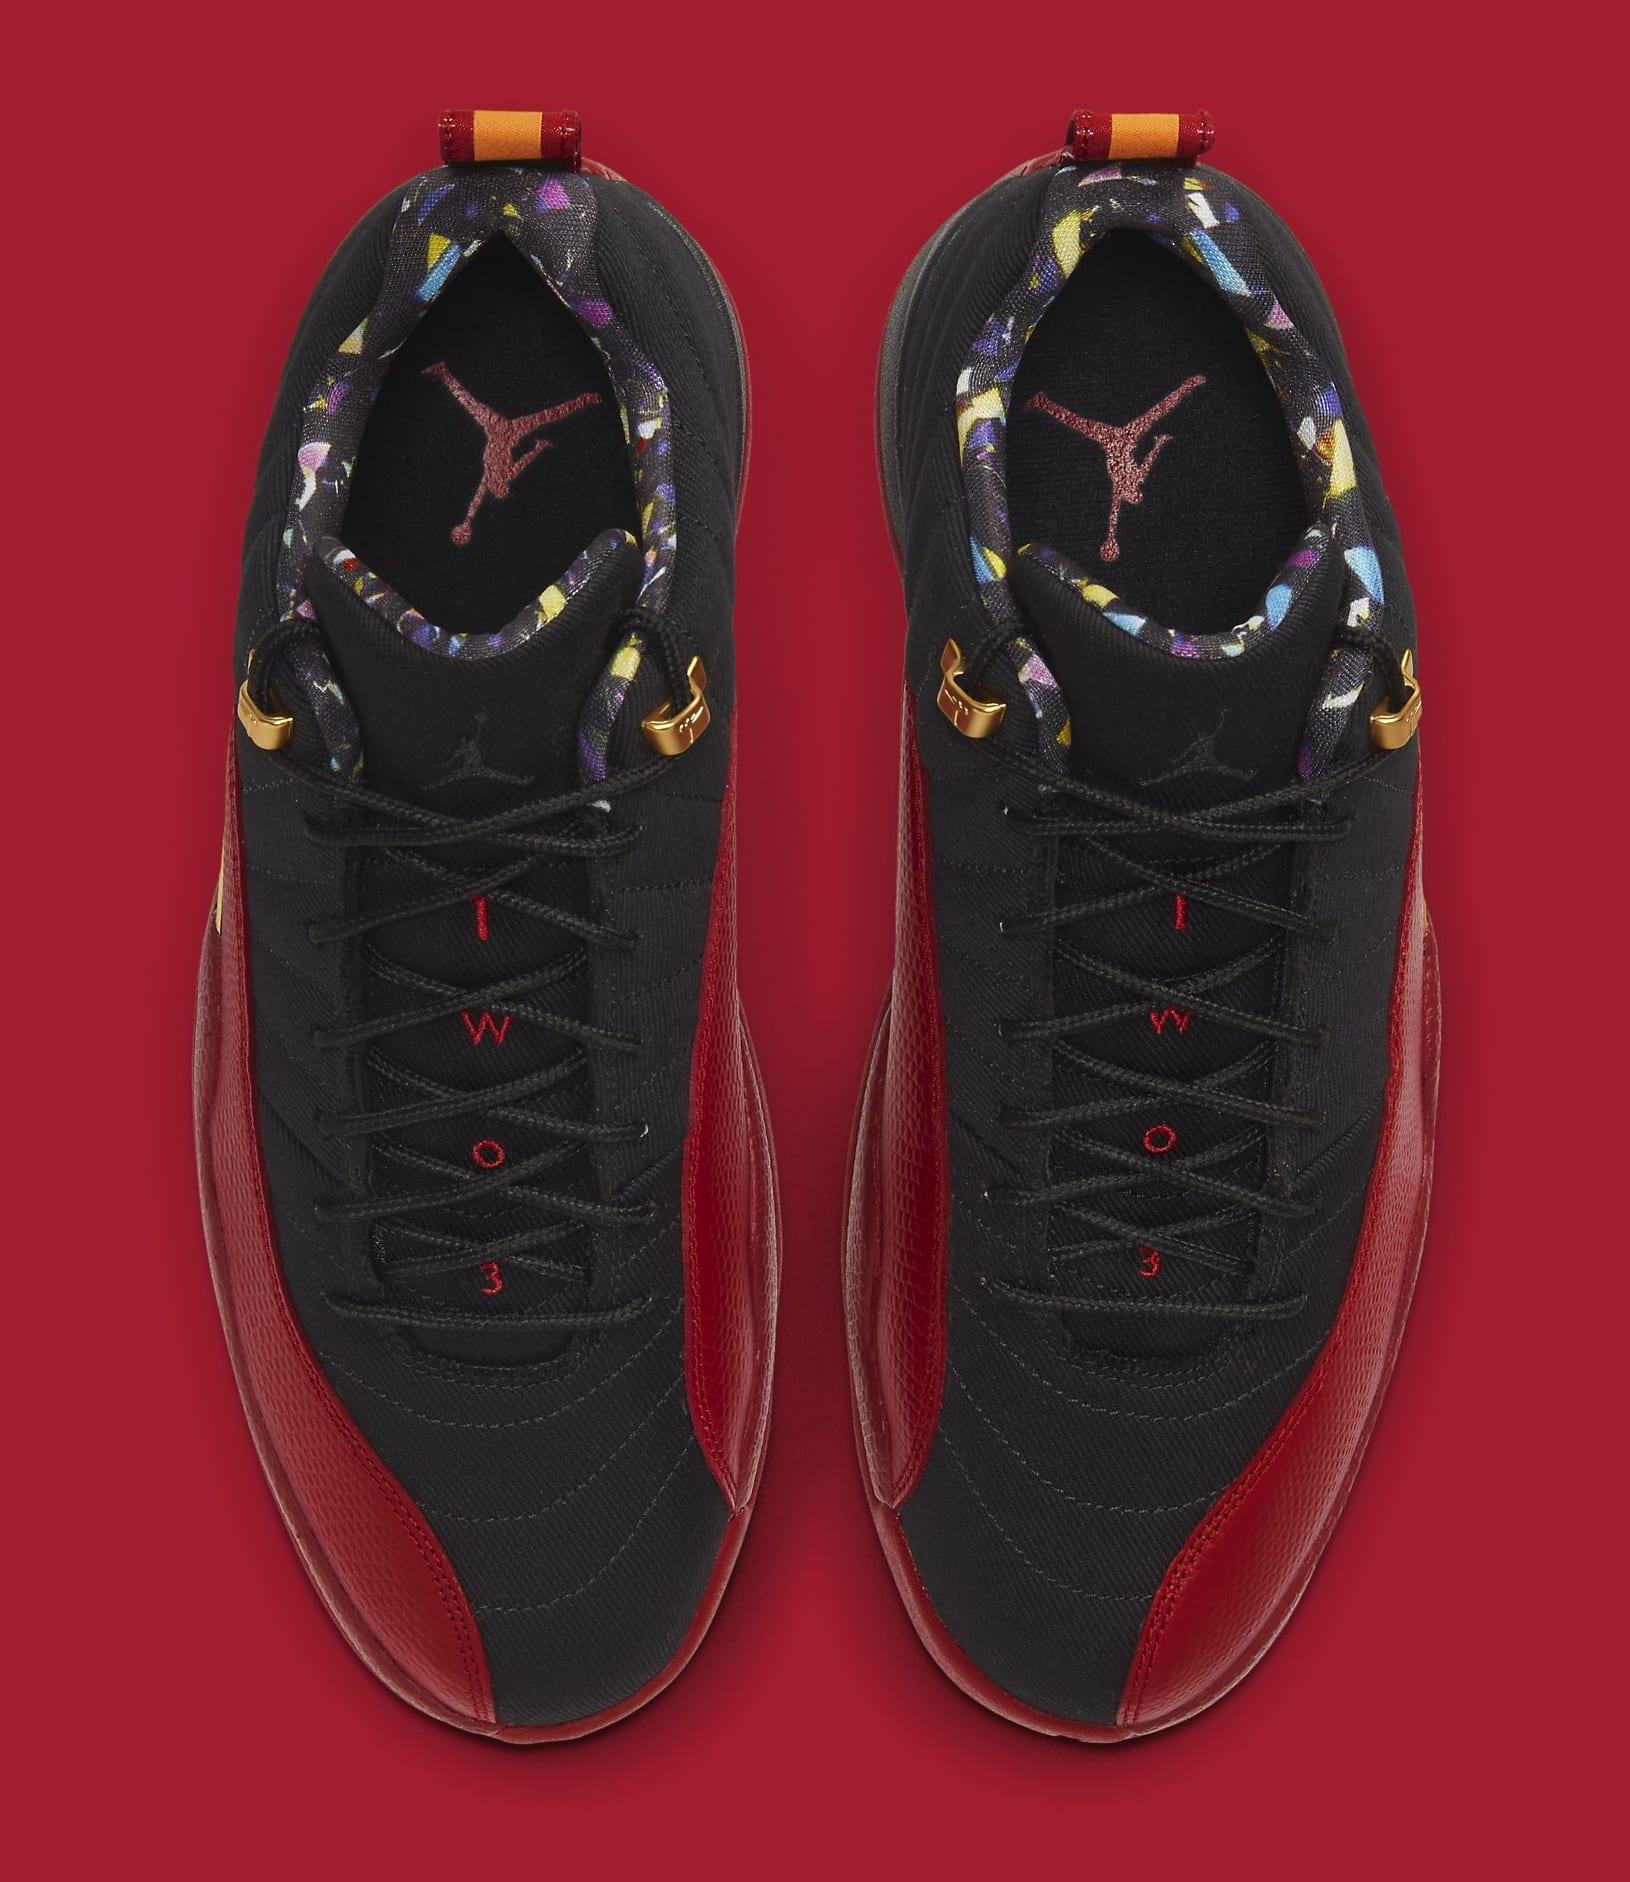 Air Jordan 12 Retro Low 'Super Bowl' DC1059-001 Top